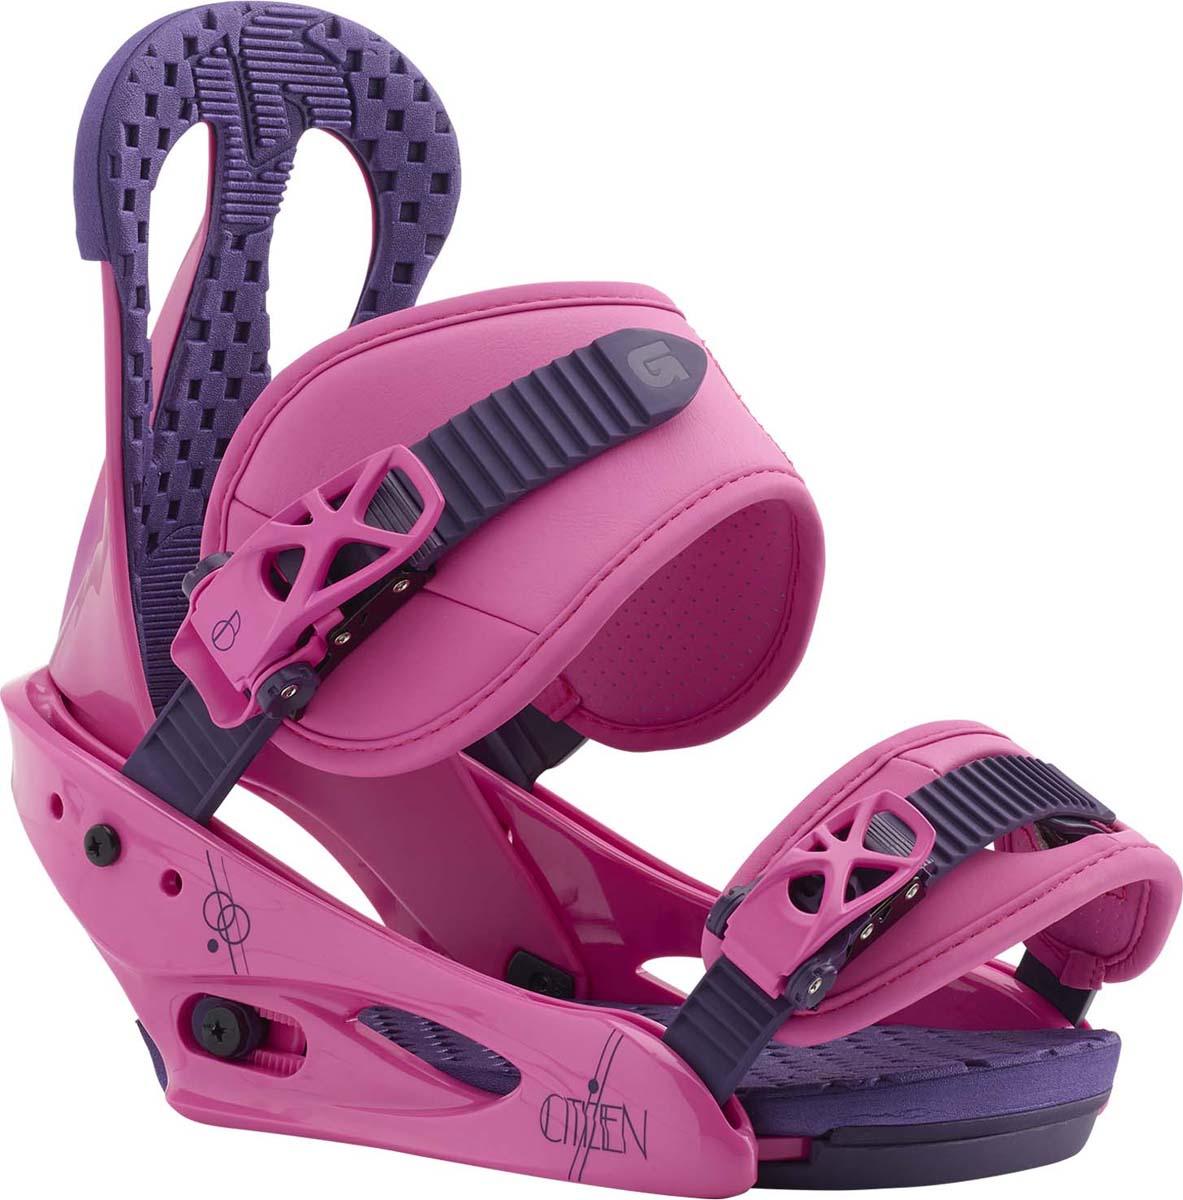 Крепления для сноуборда женские Burton Citizen, цвет: розовый. Размер S